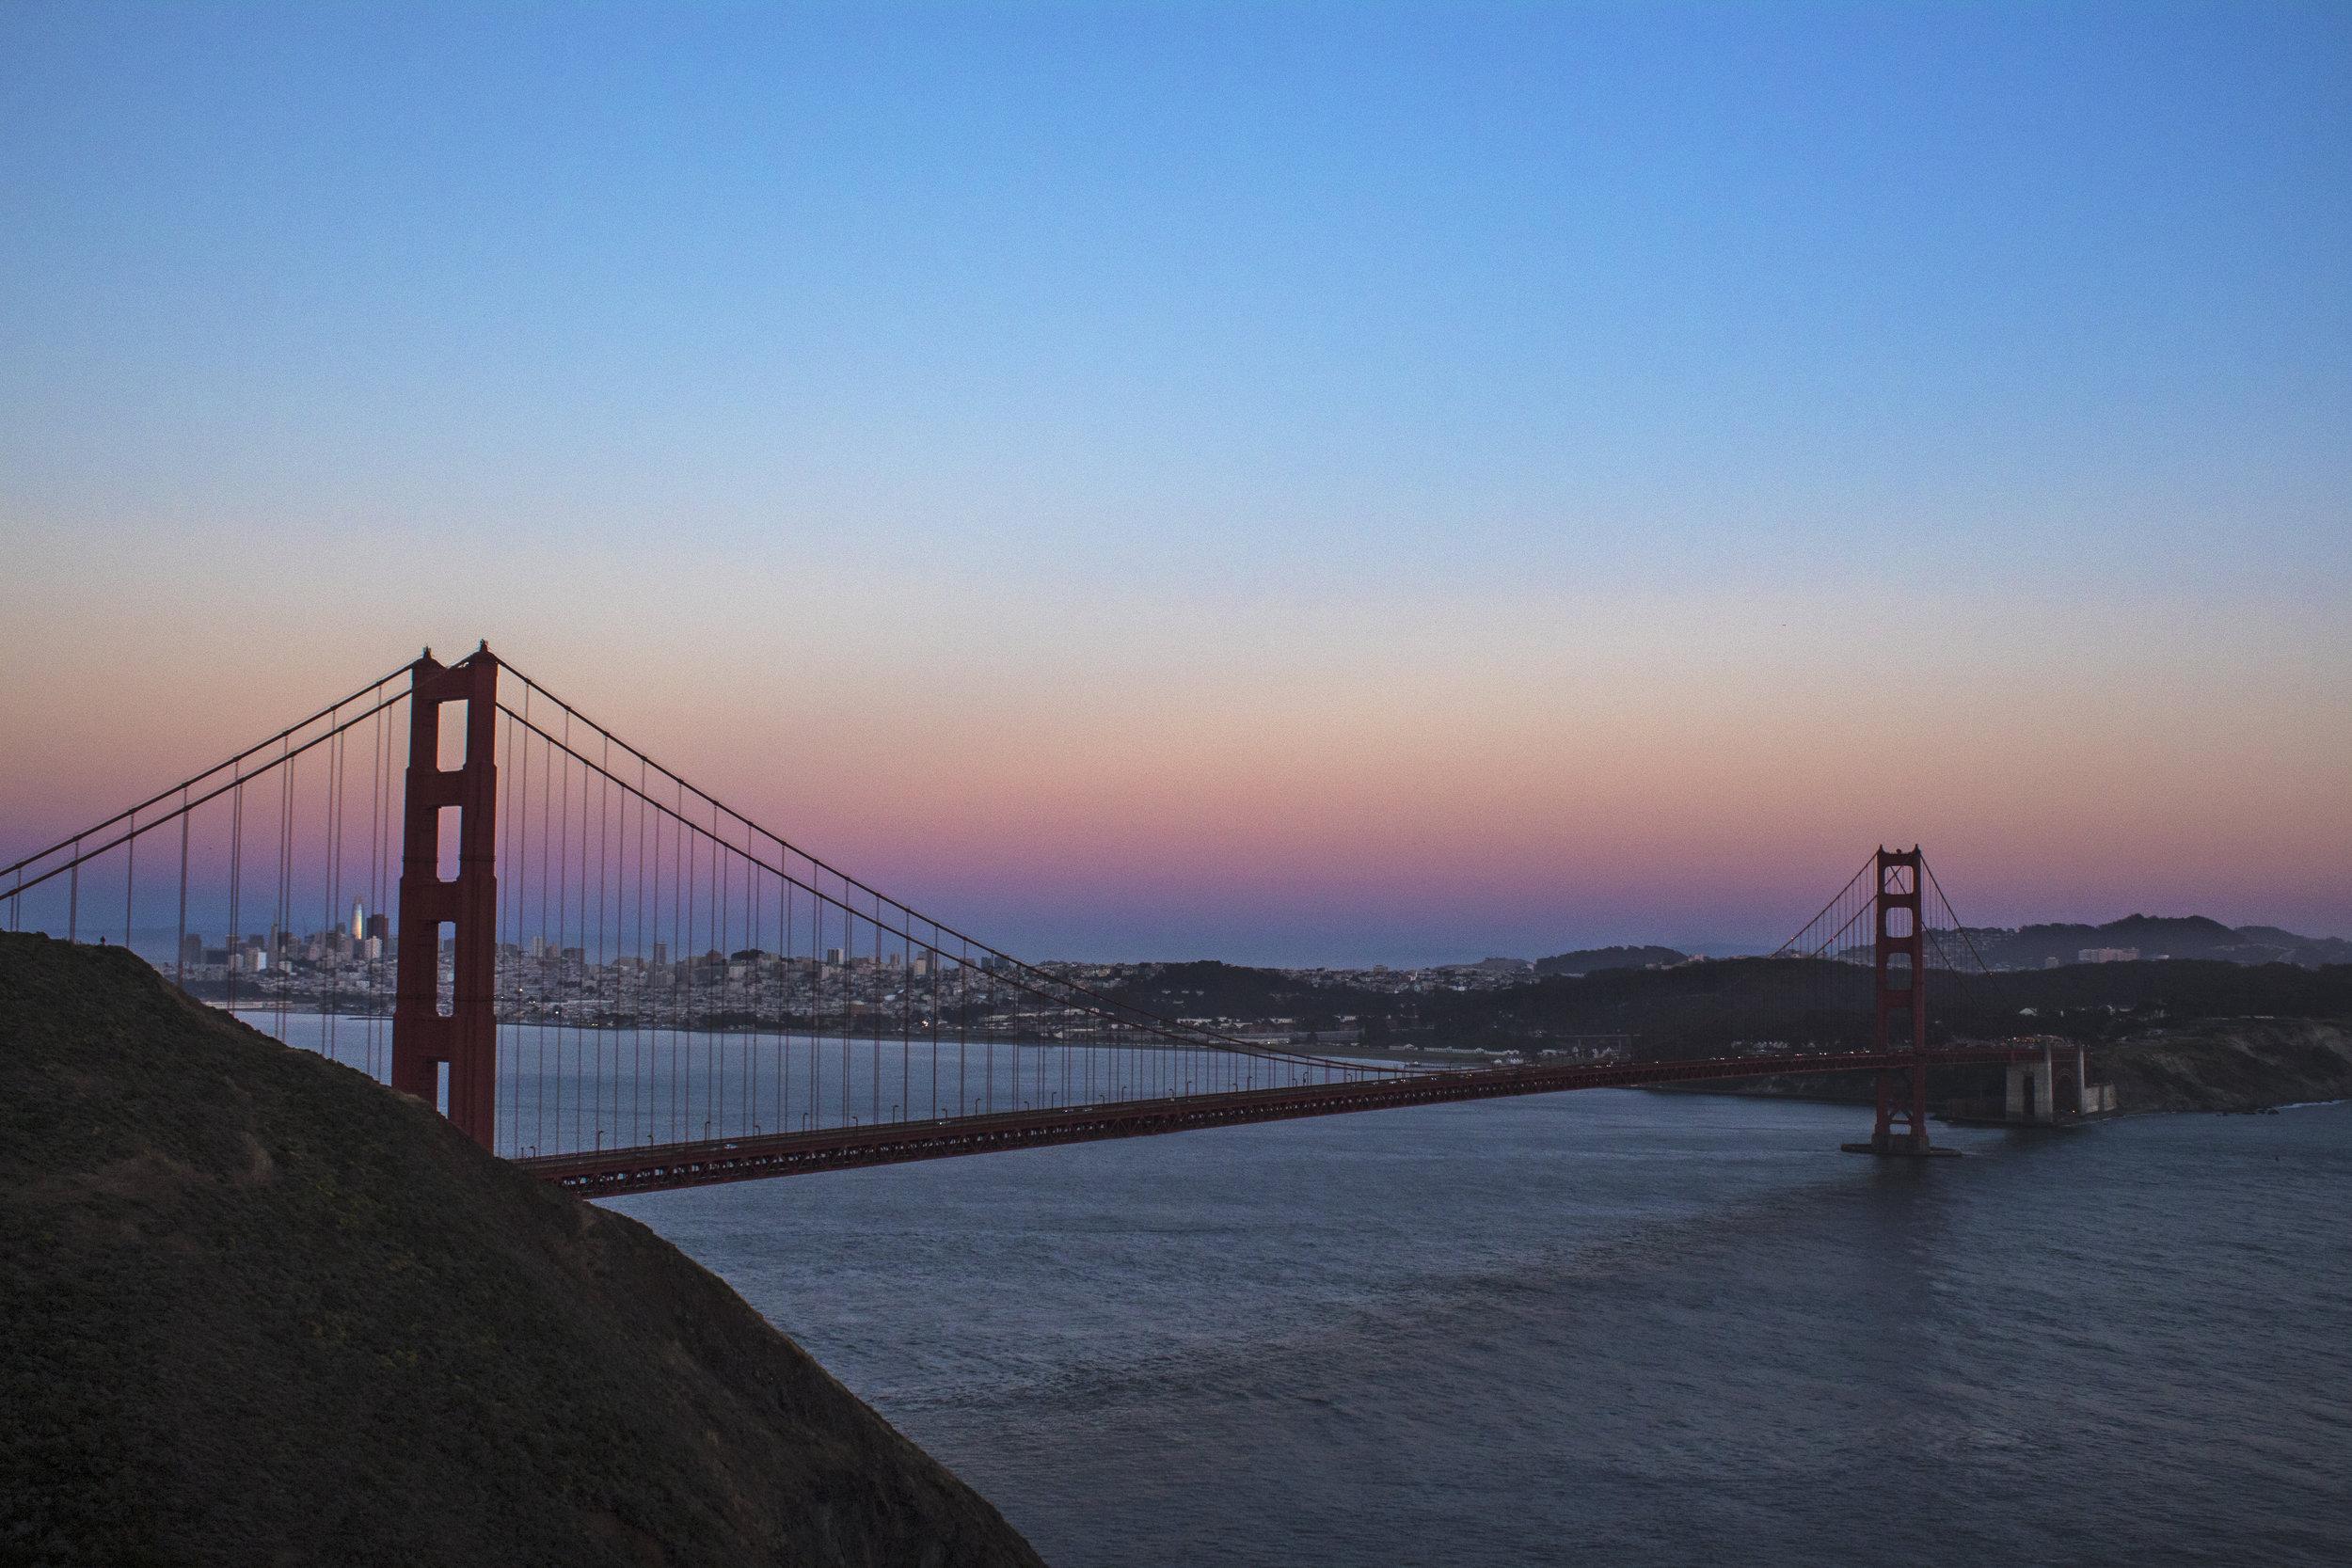 I like how this one shows the city peeking through the bridge.